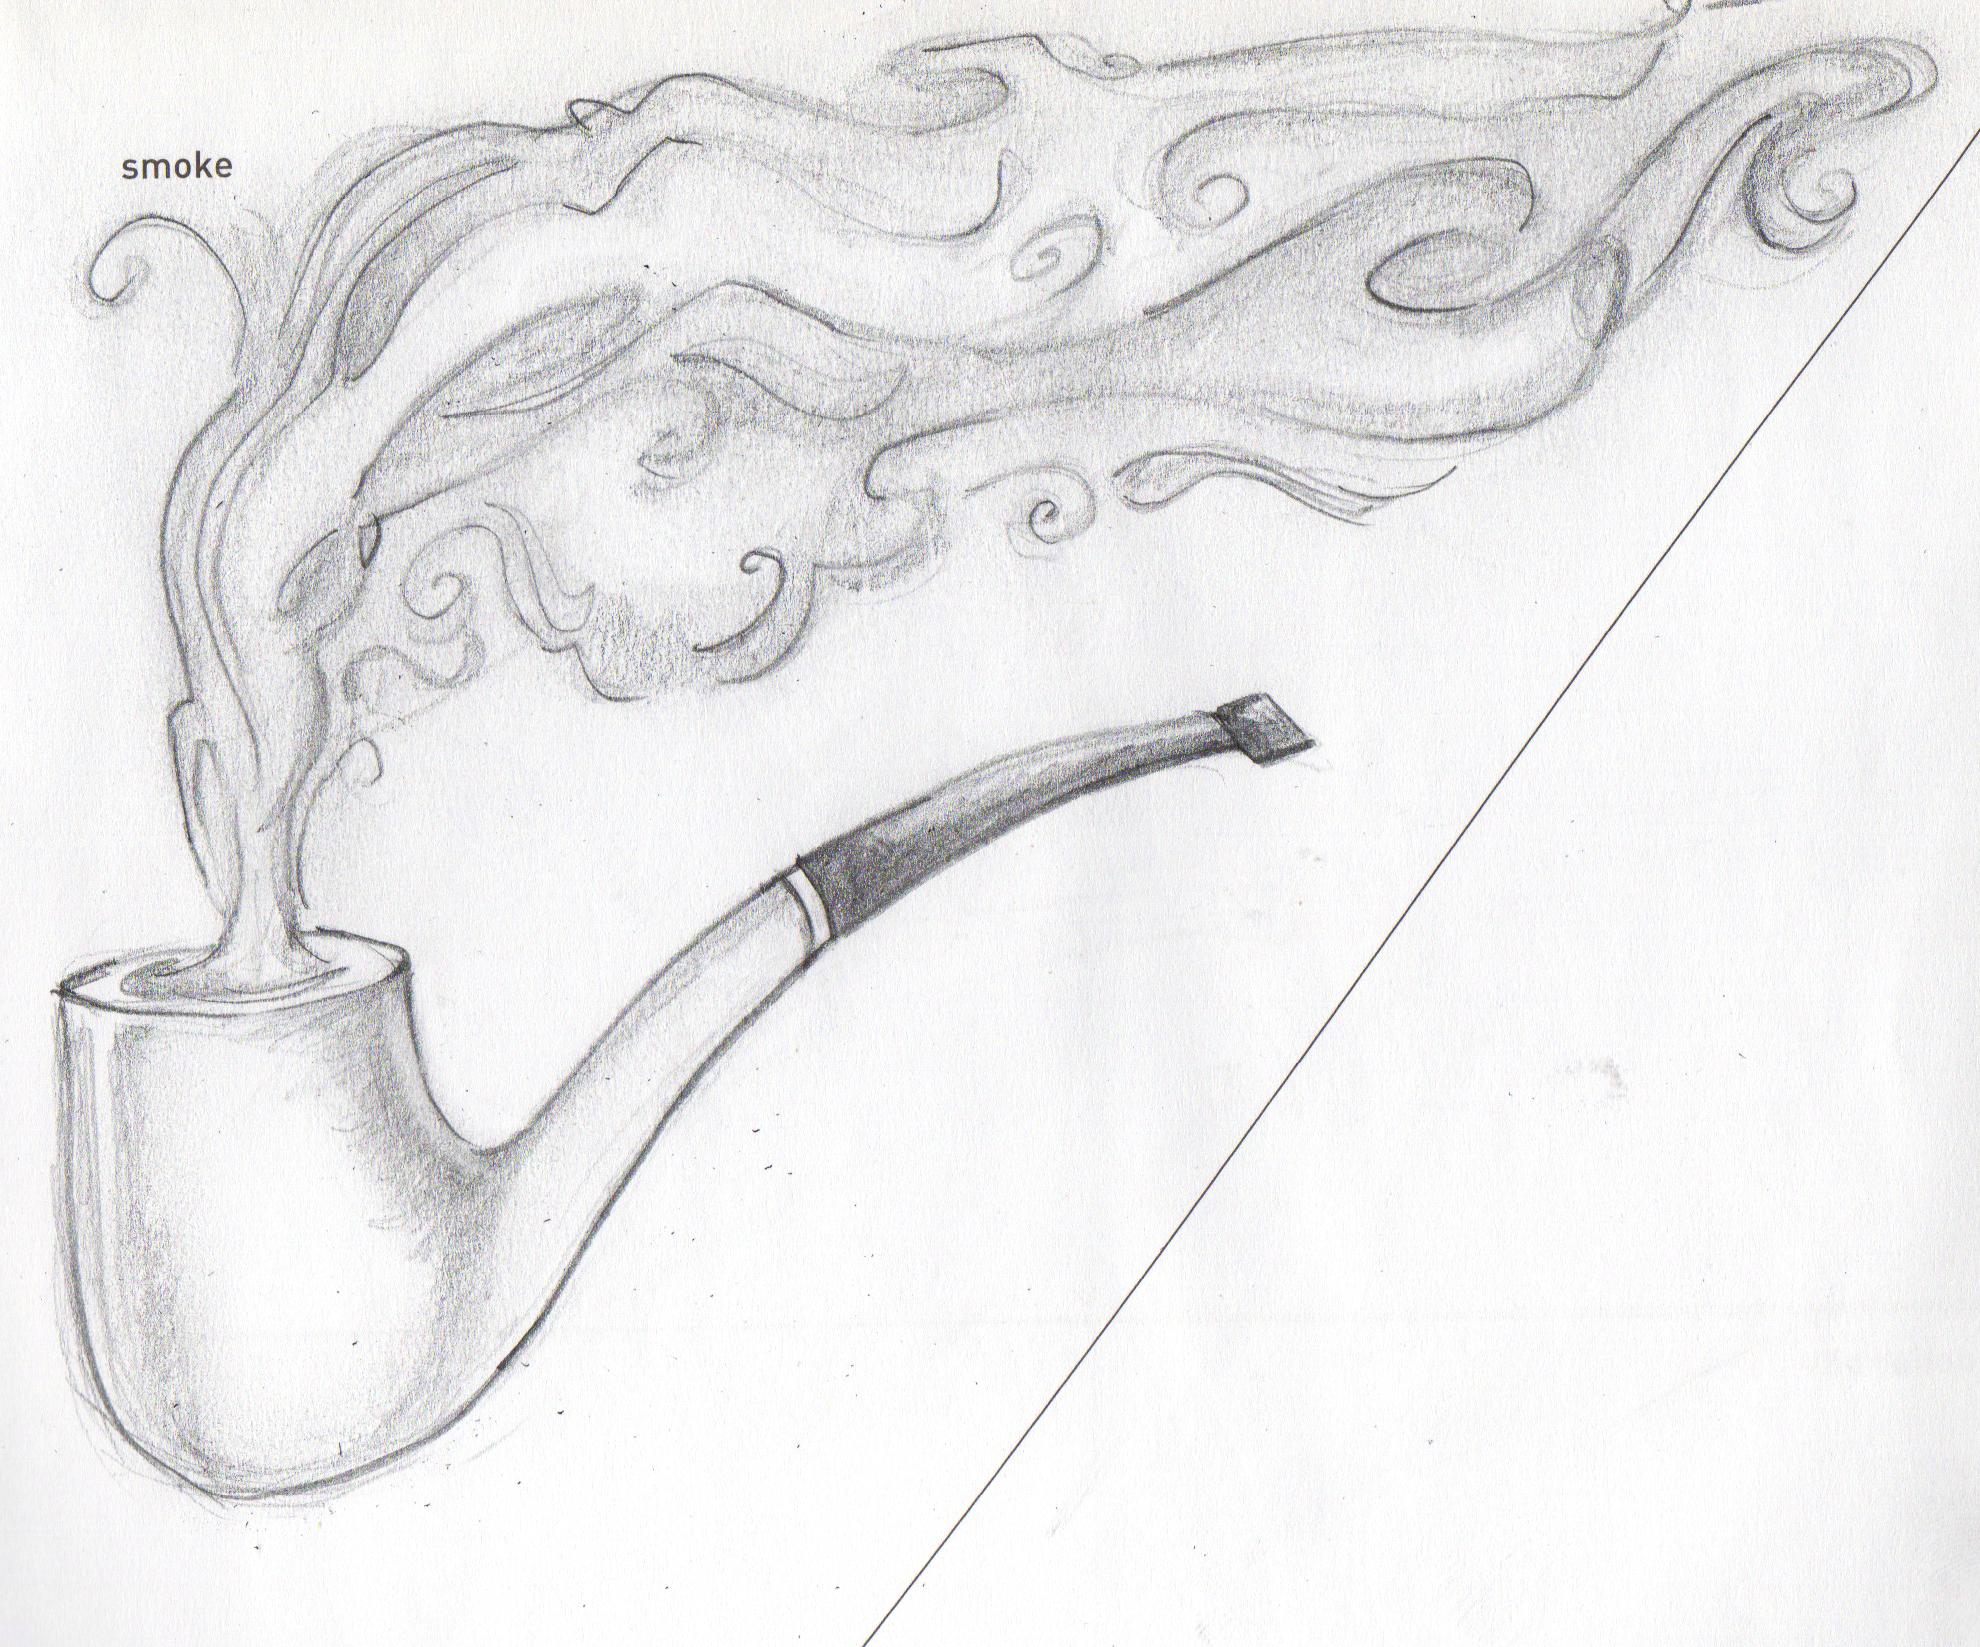 Drawn smoke smoke pencil Motives 71 Sketchy pencil sketch